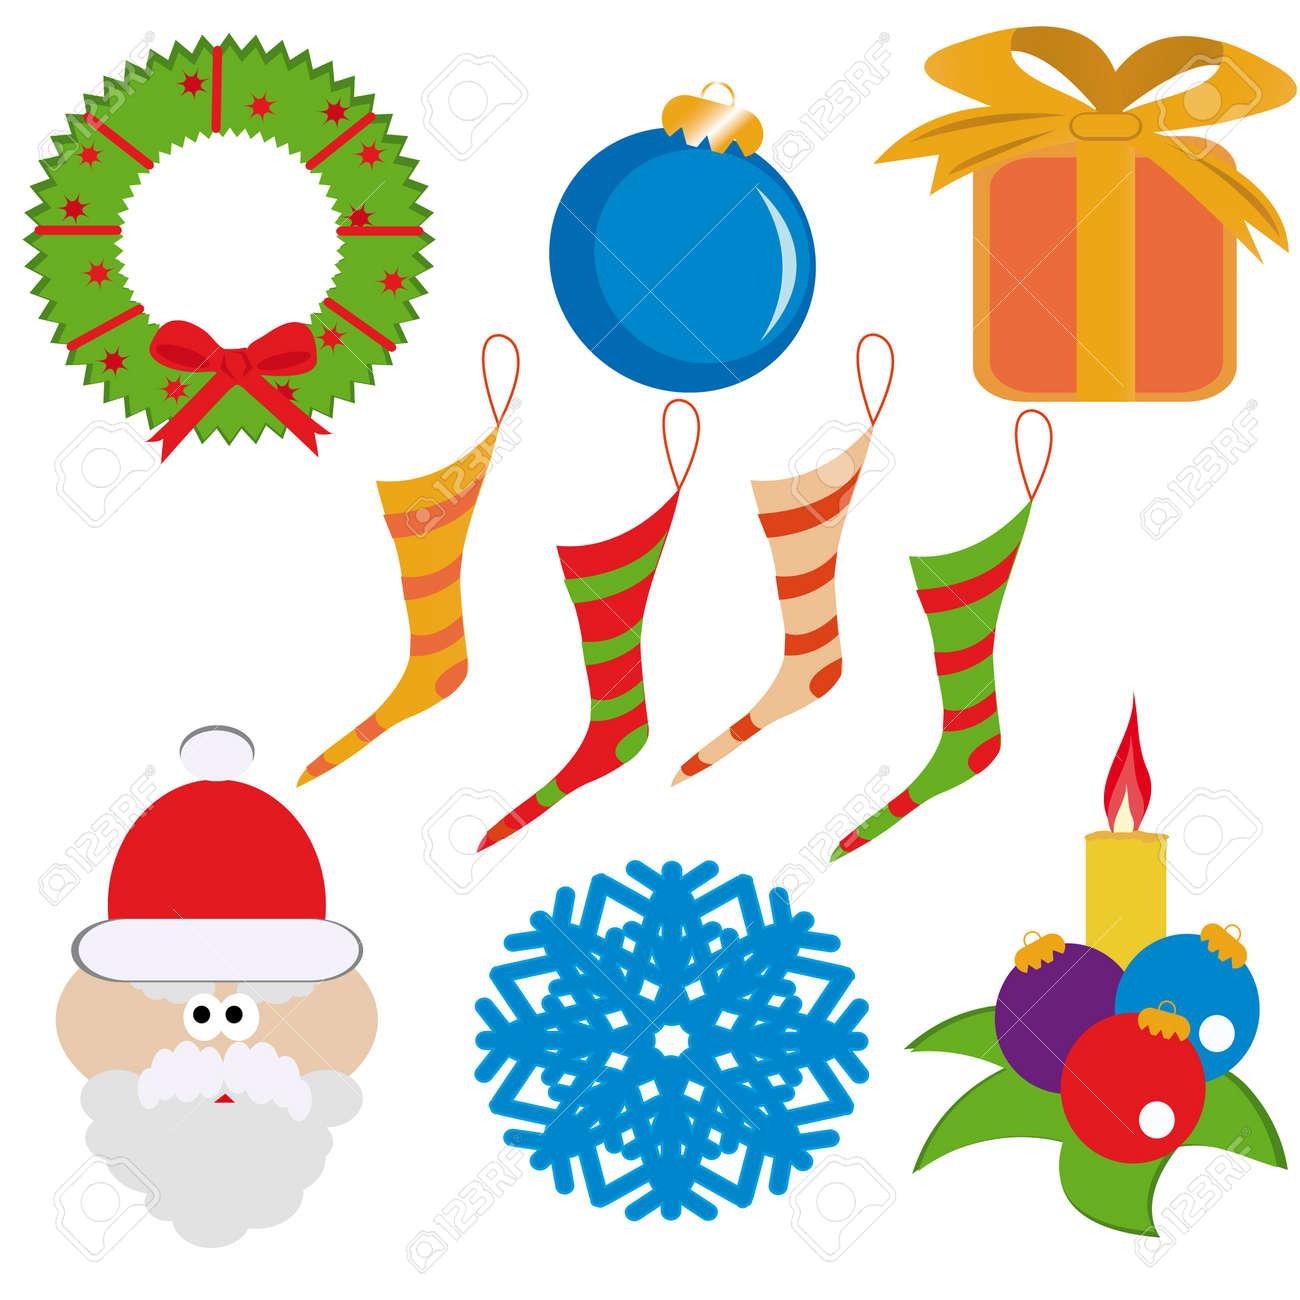 Cristmas set( garland, santa-claus, ball, gift-box, snowflake, candle, socks). Vector illustration. Stock Vector - 3983768